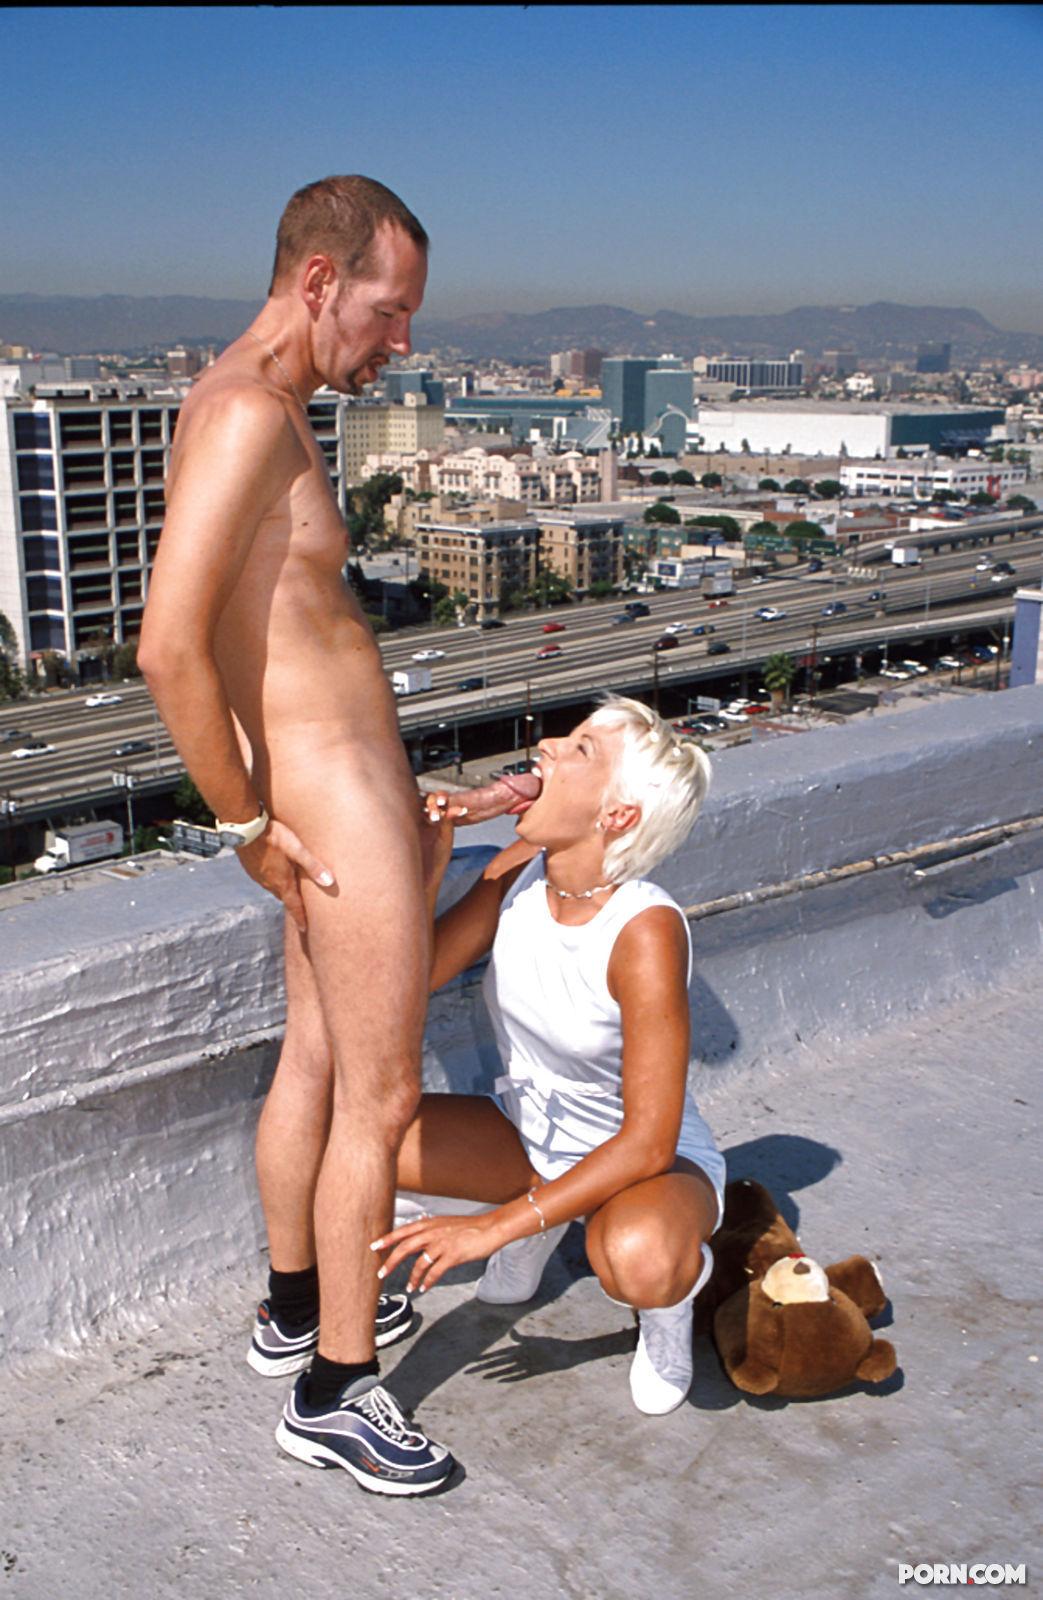 Анальный секс на крыше